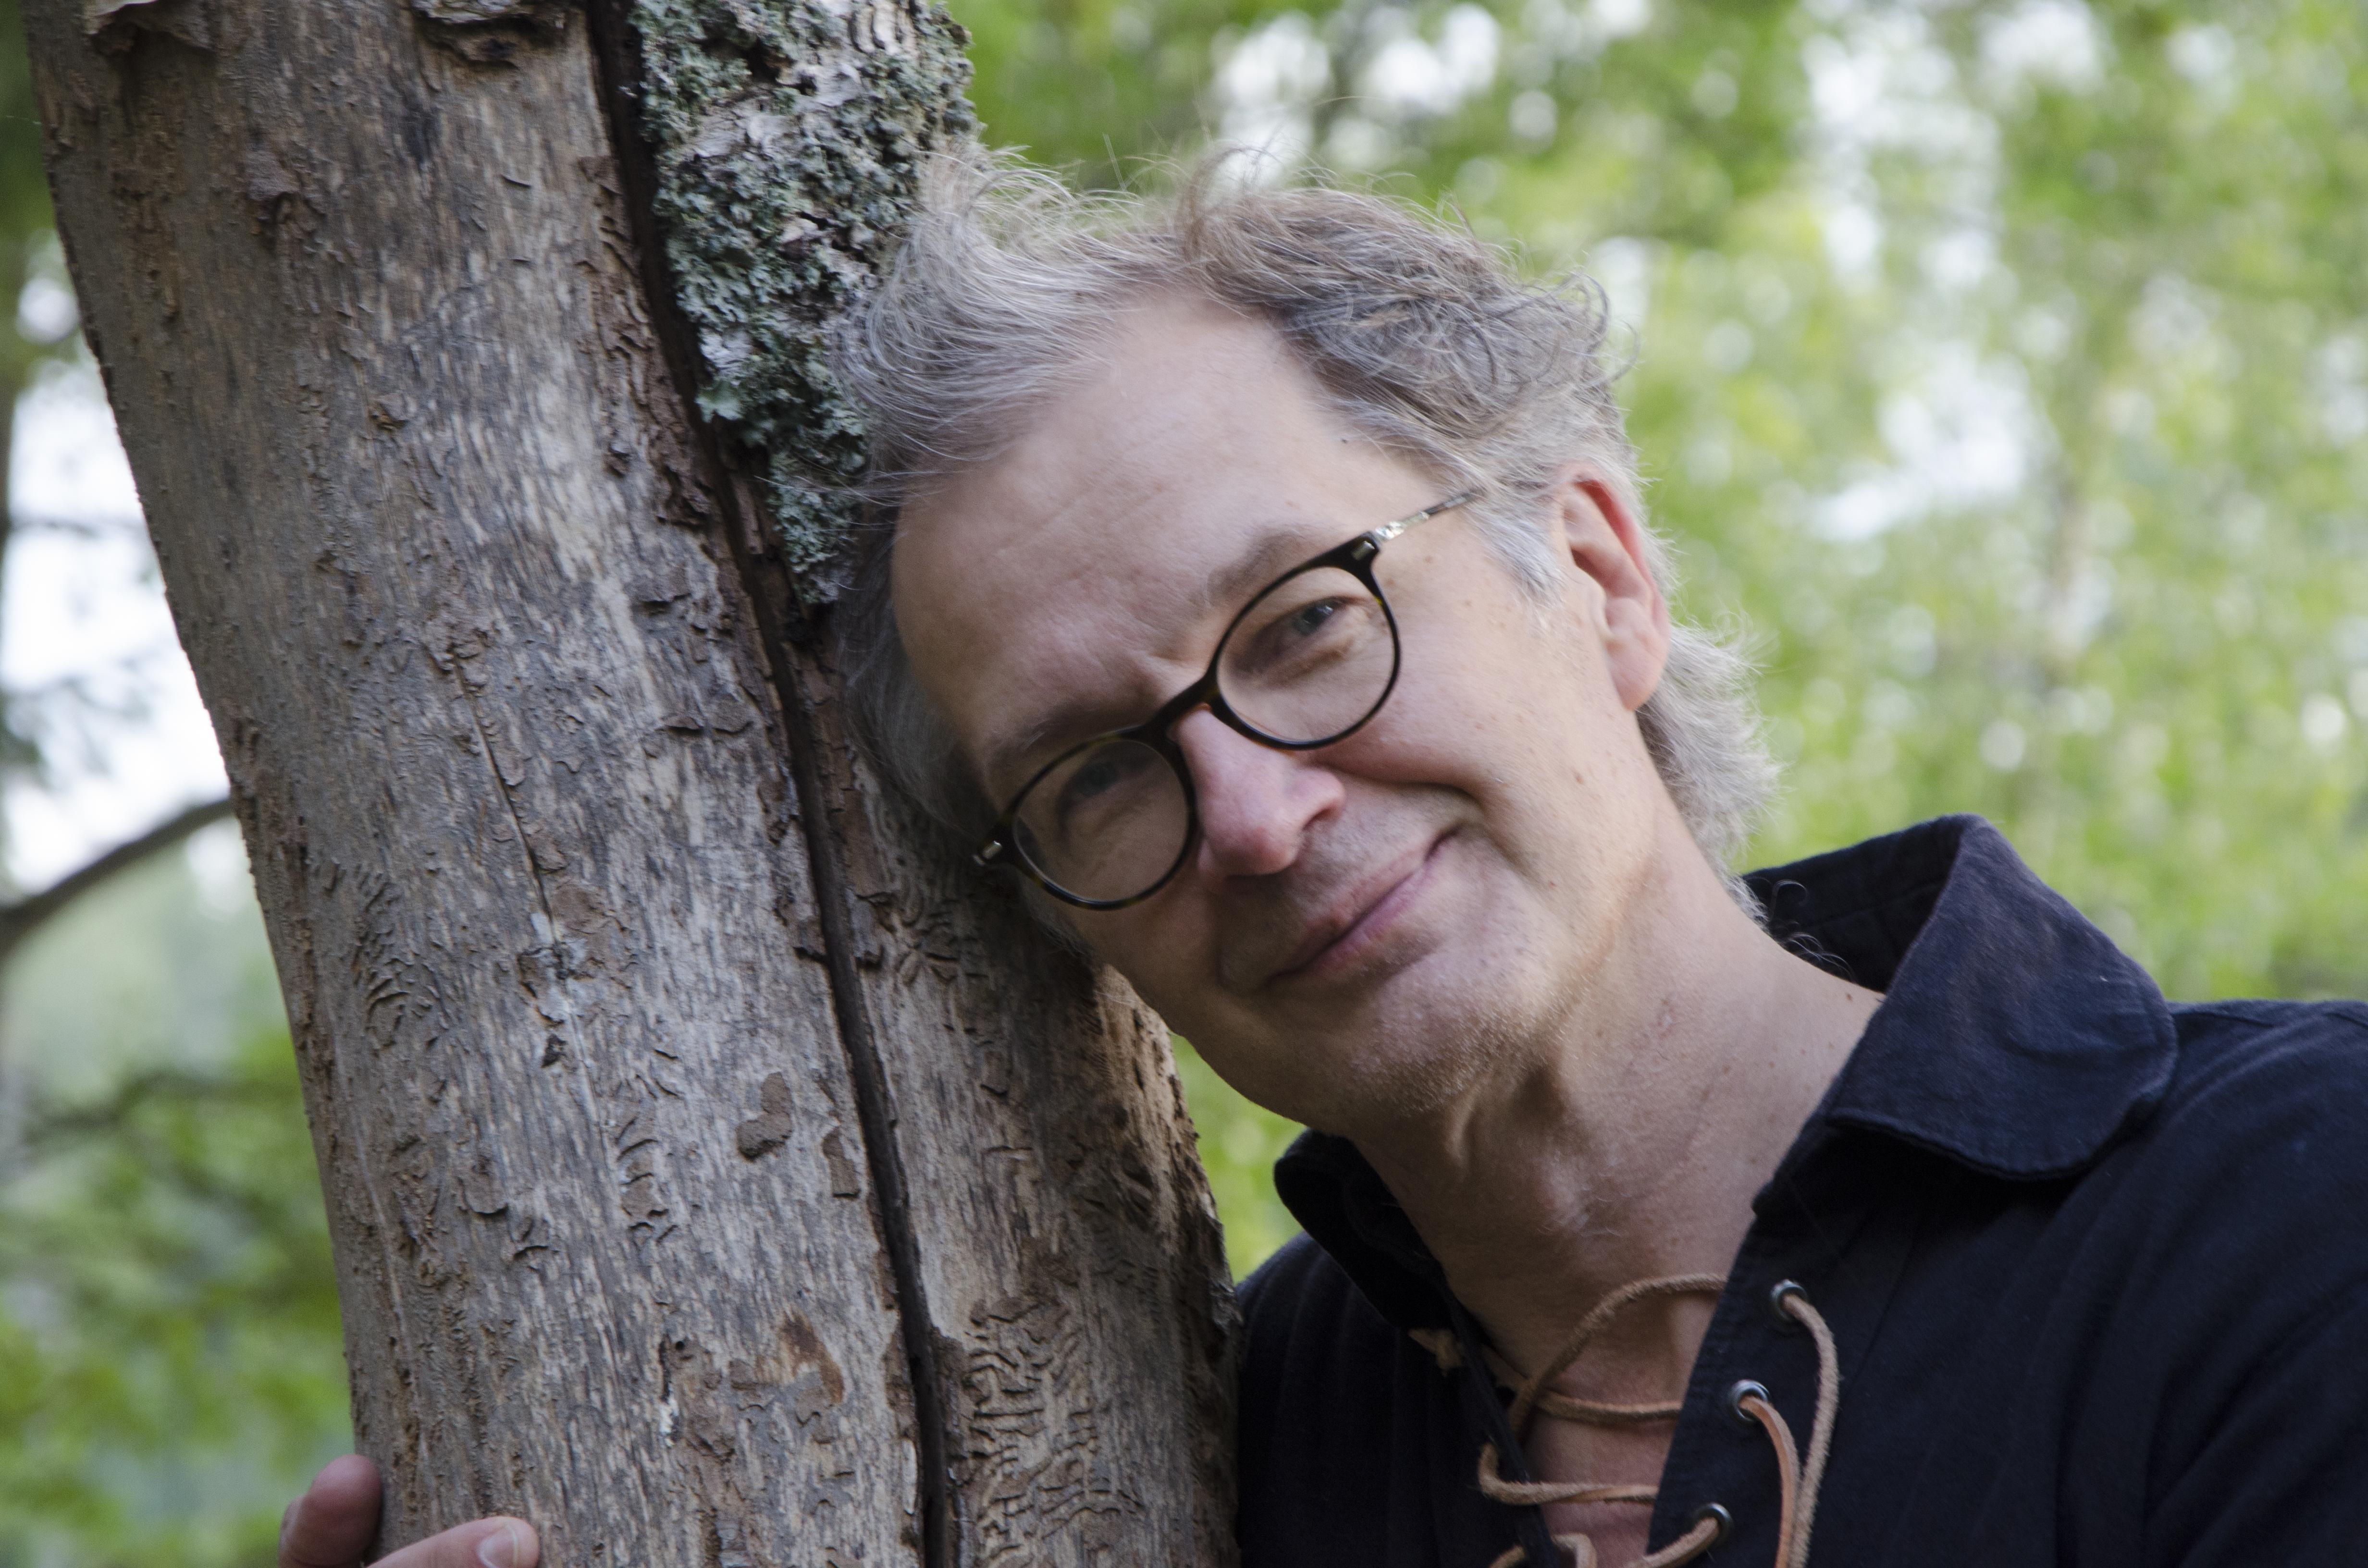 Lasse Heikkilän säveltämä elokuvakonsertti Metsö kuullaan Kangasala-talossa. Kuva: Juha Ilkka